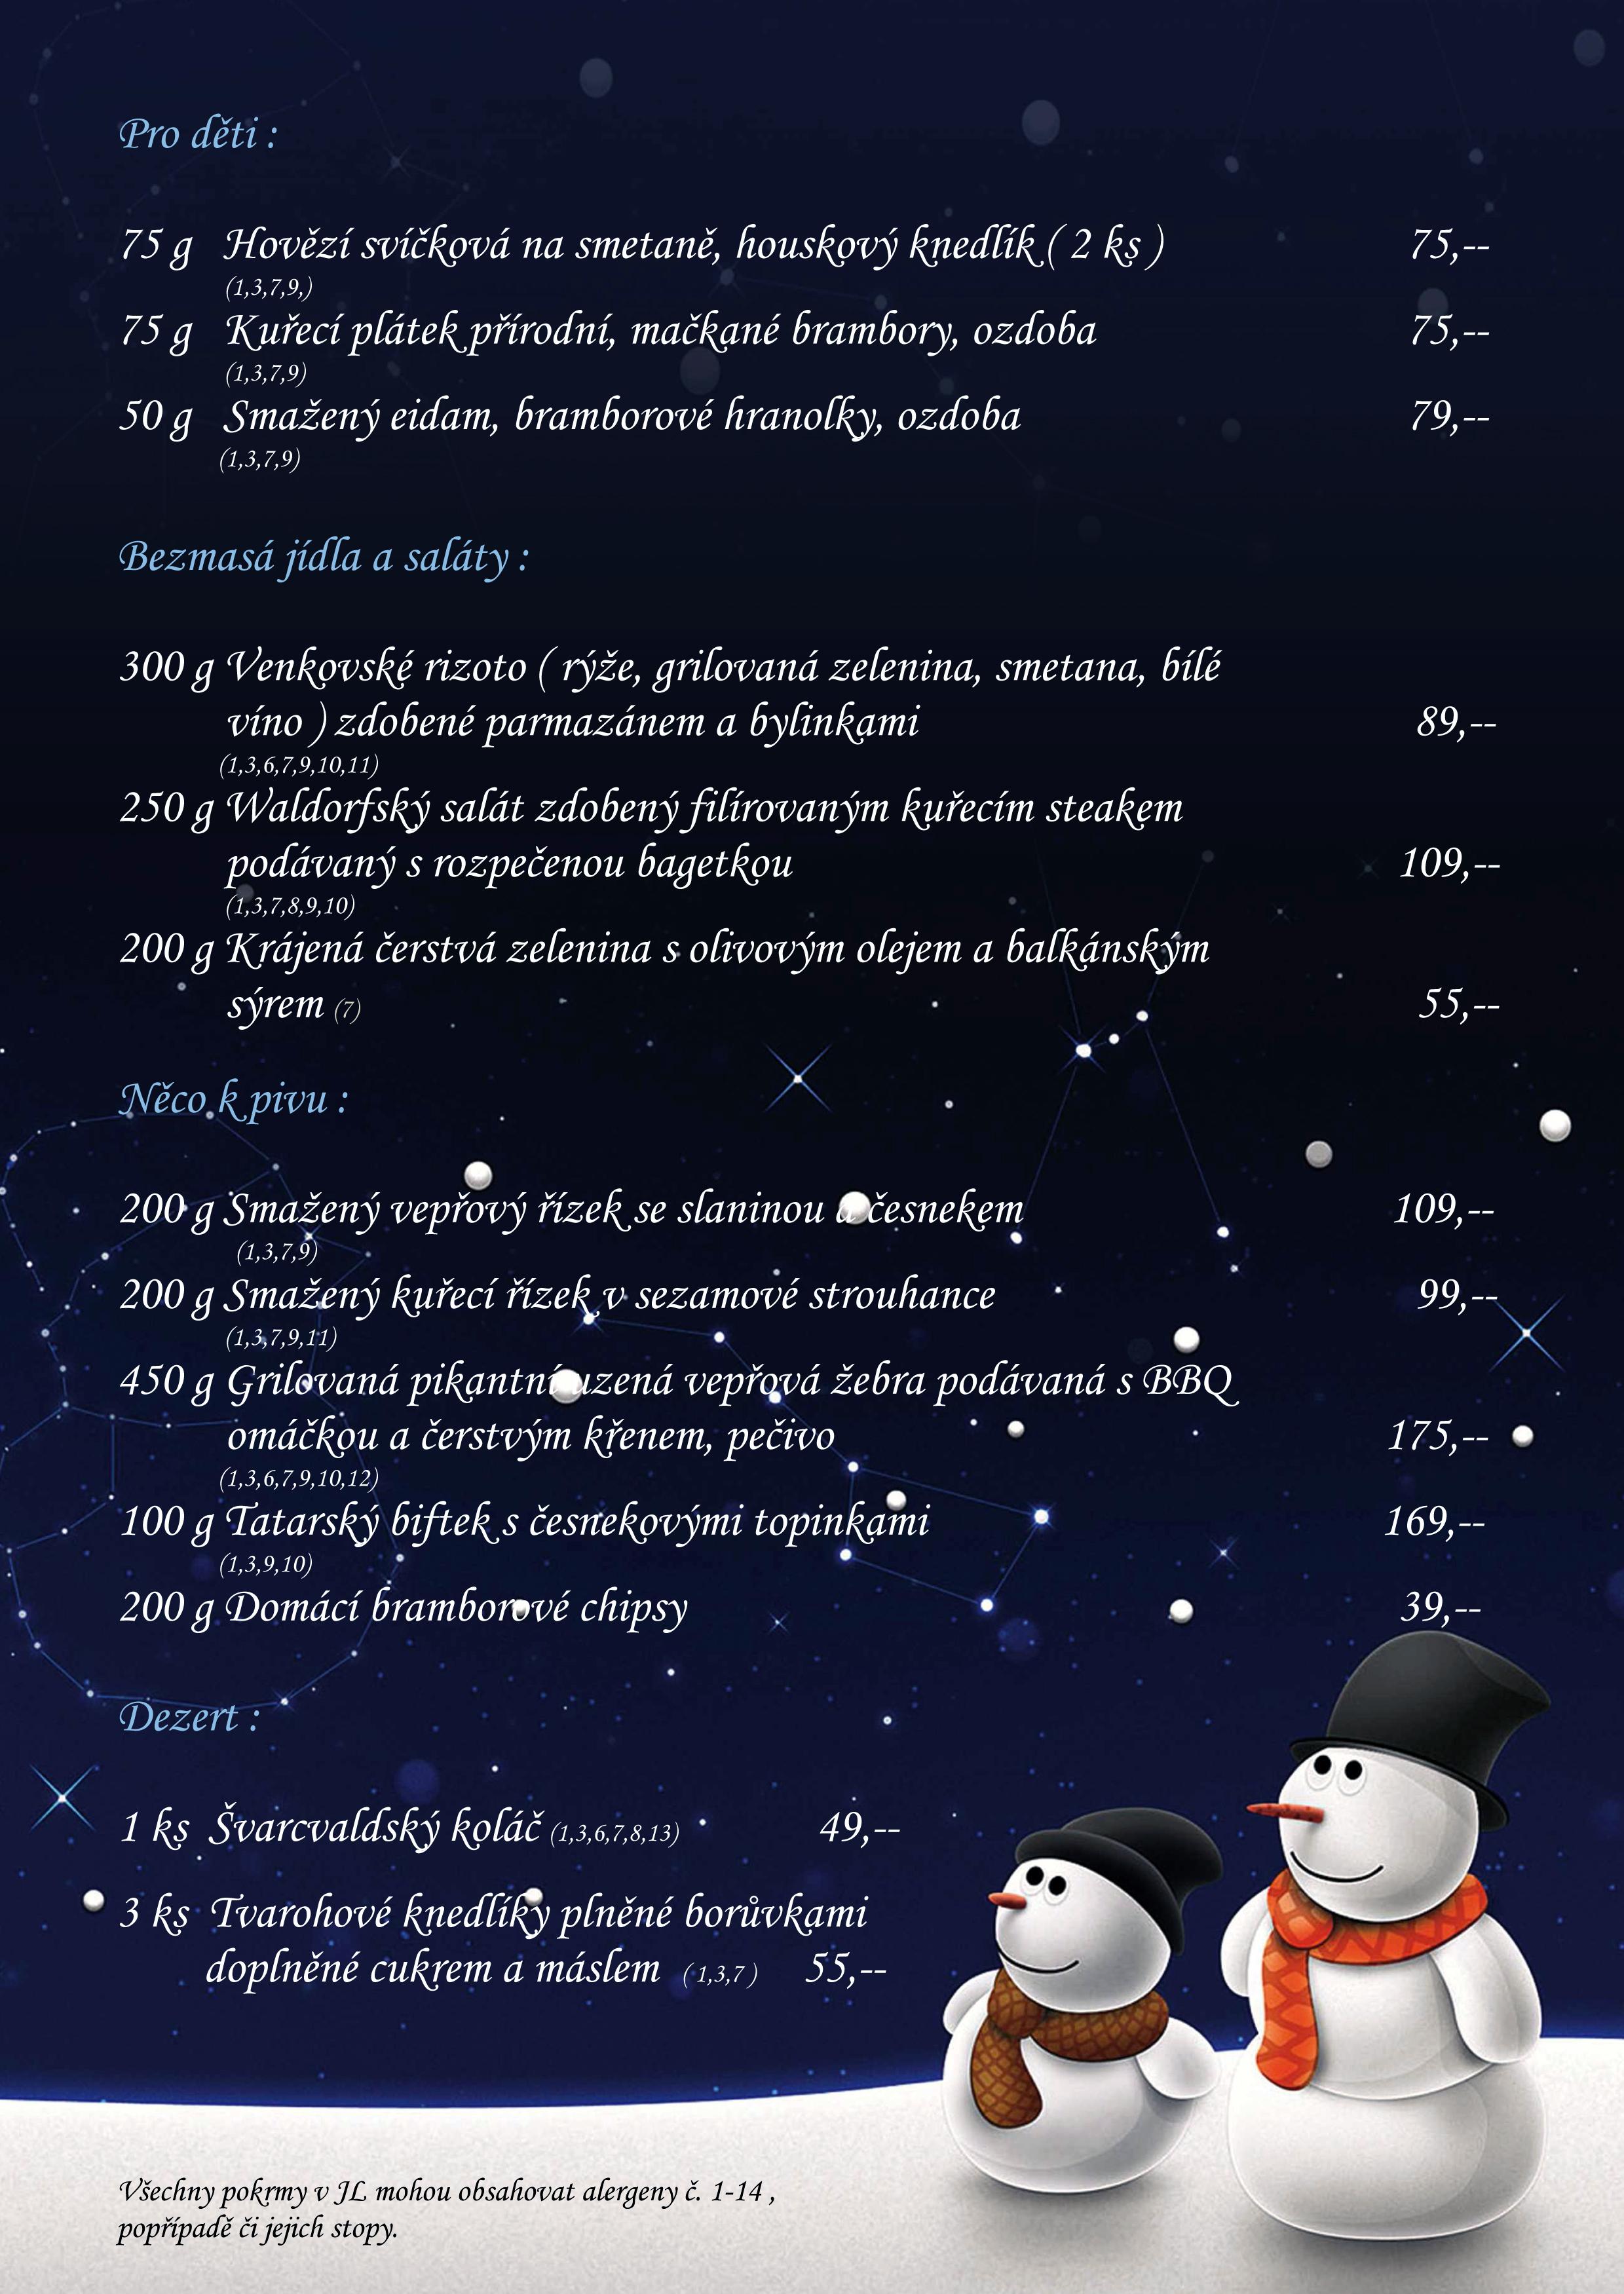 Štěpán 26.-28.12.2014